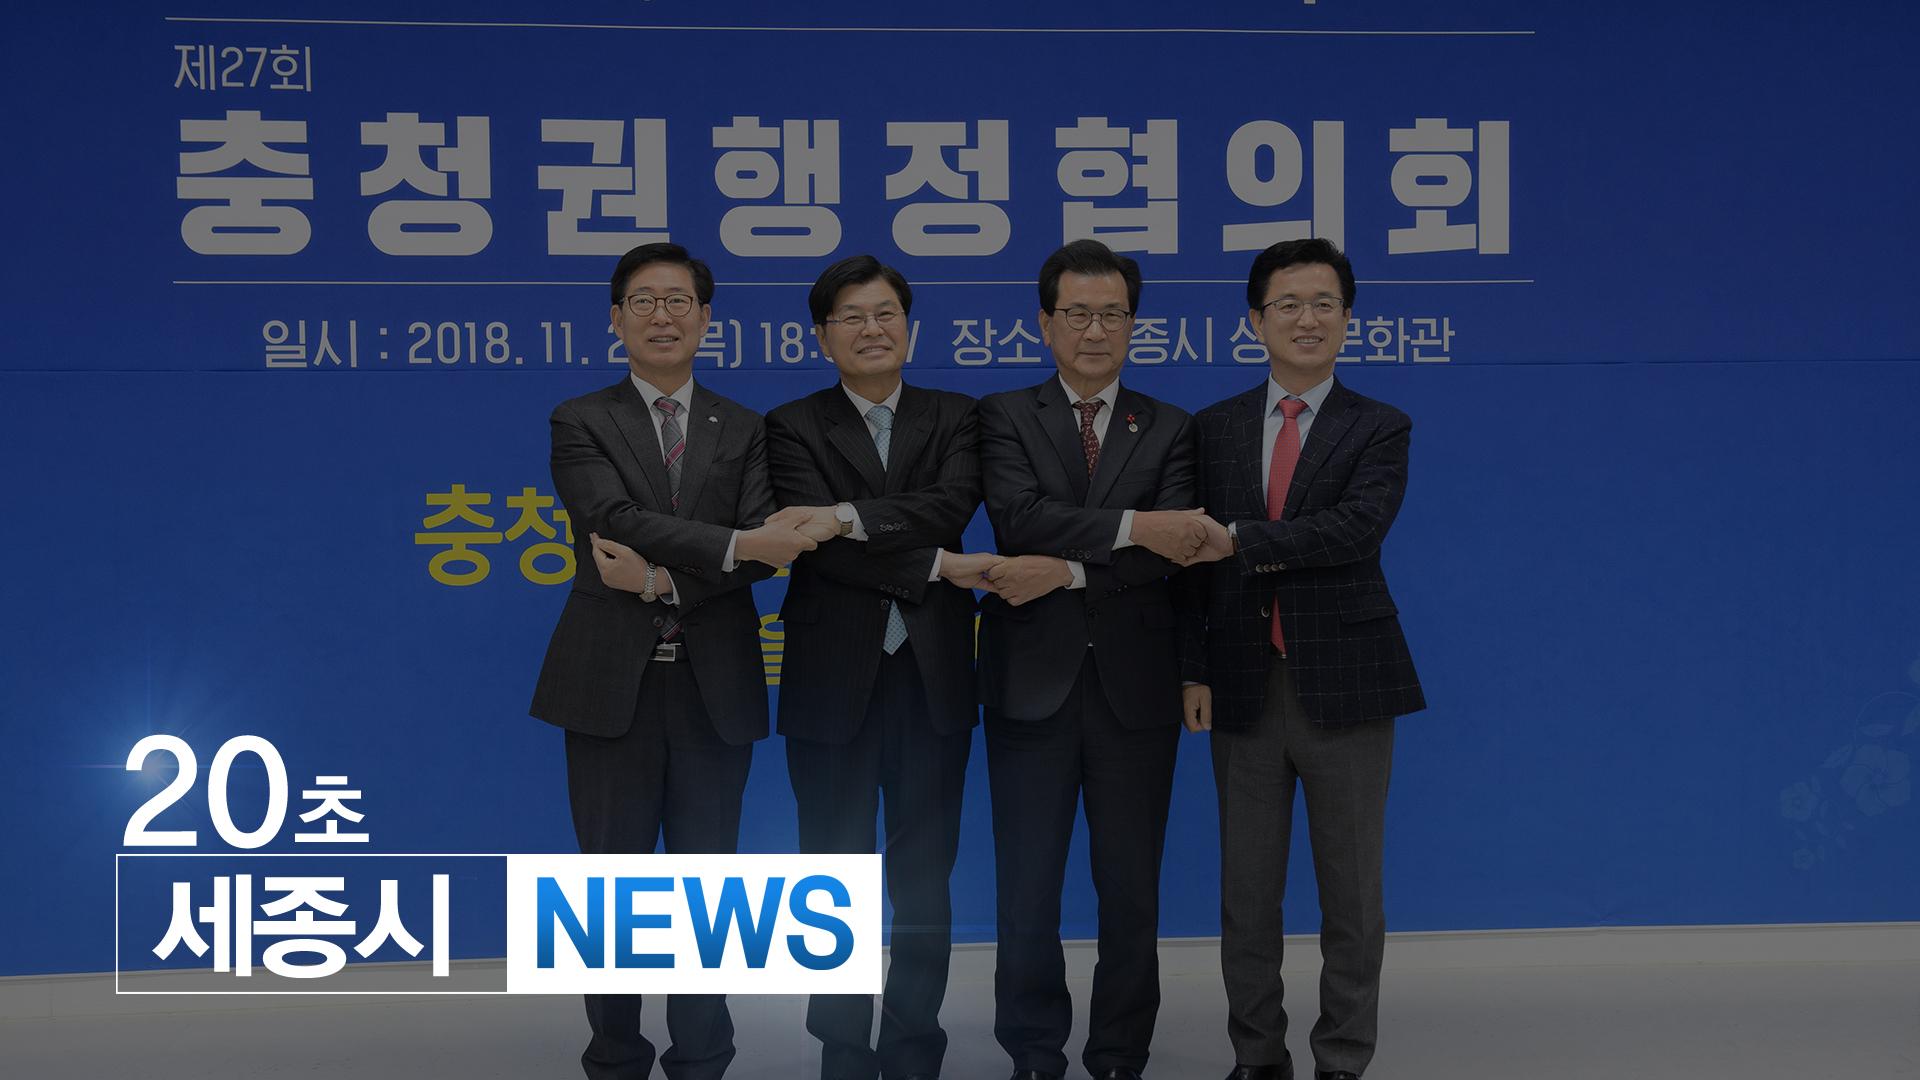 <20초뉴스> 충청권 4개 시·도지사, ′충청권 행정협의회′ 개최